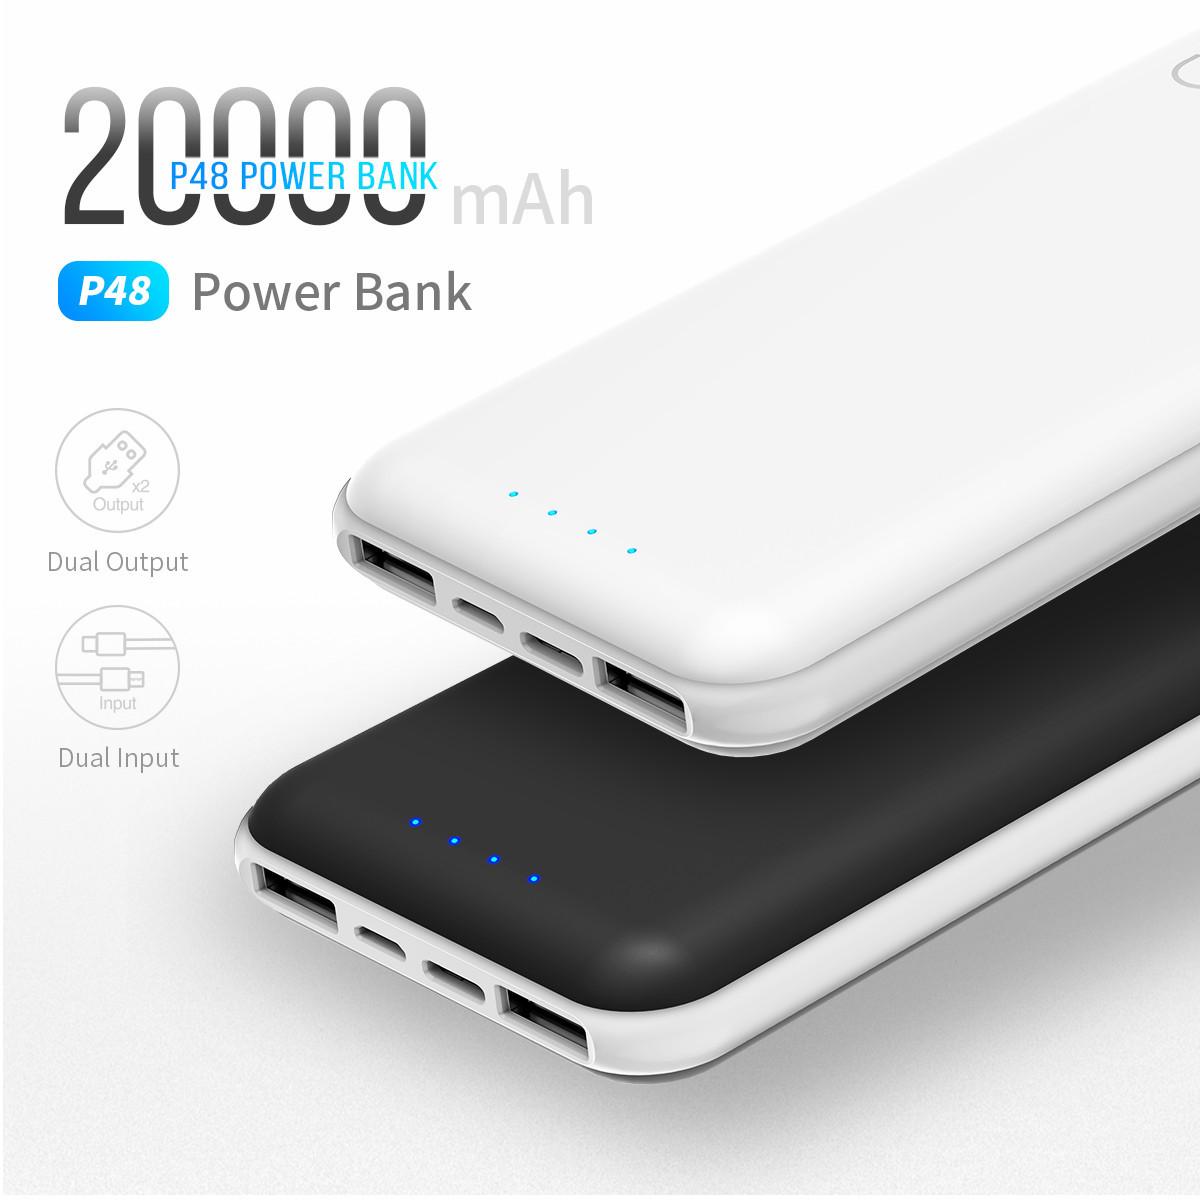 Power Bank Rock 20000mAh. Реальная емкость! Портативное зарядное устройство. Белый